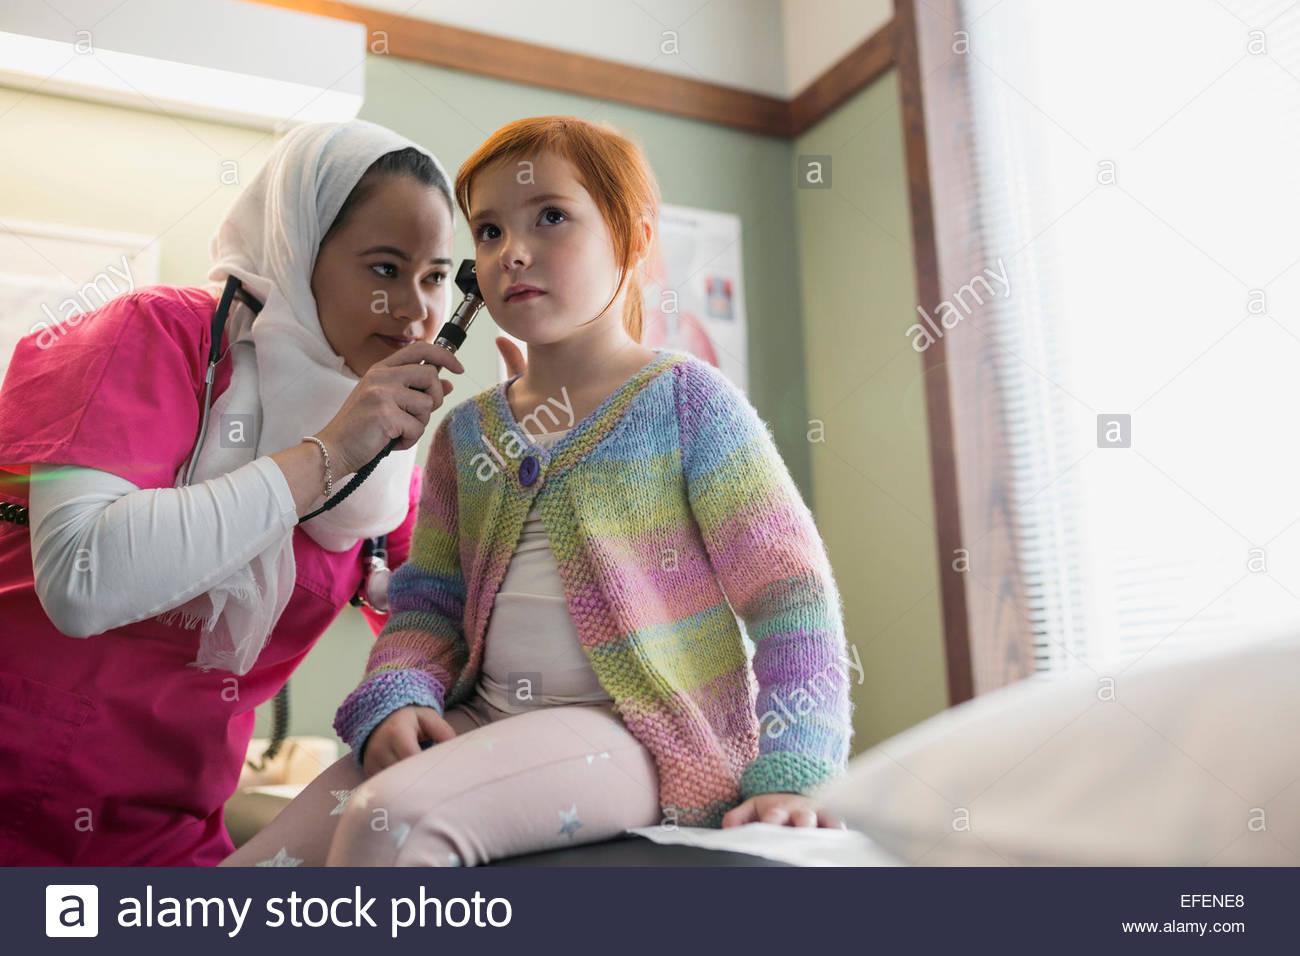 L'infermiera che indossa il hijab come controllare le orecchie della ragazza Immagini Stock